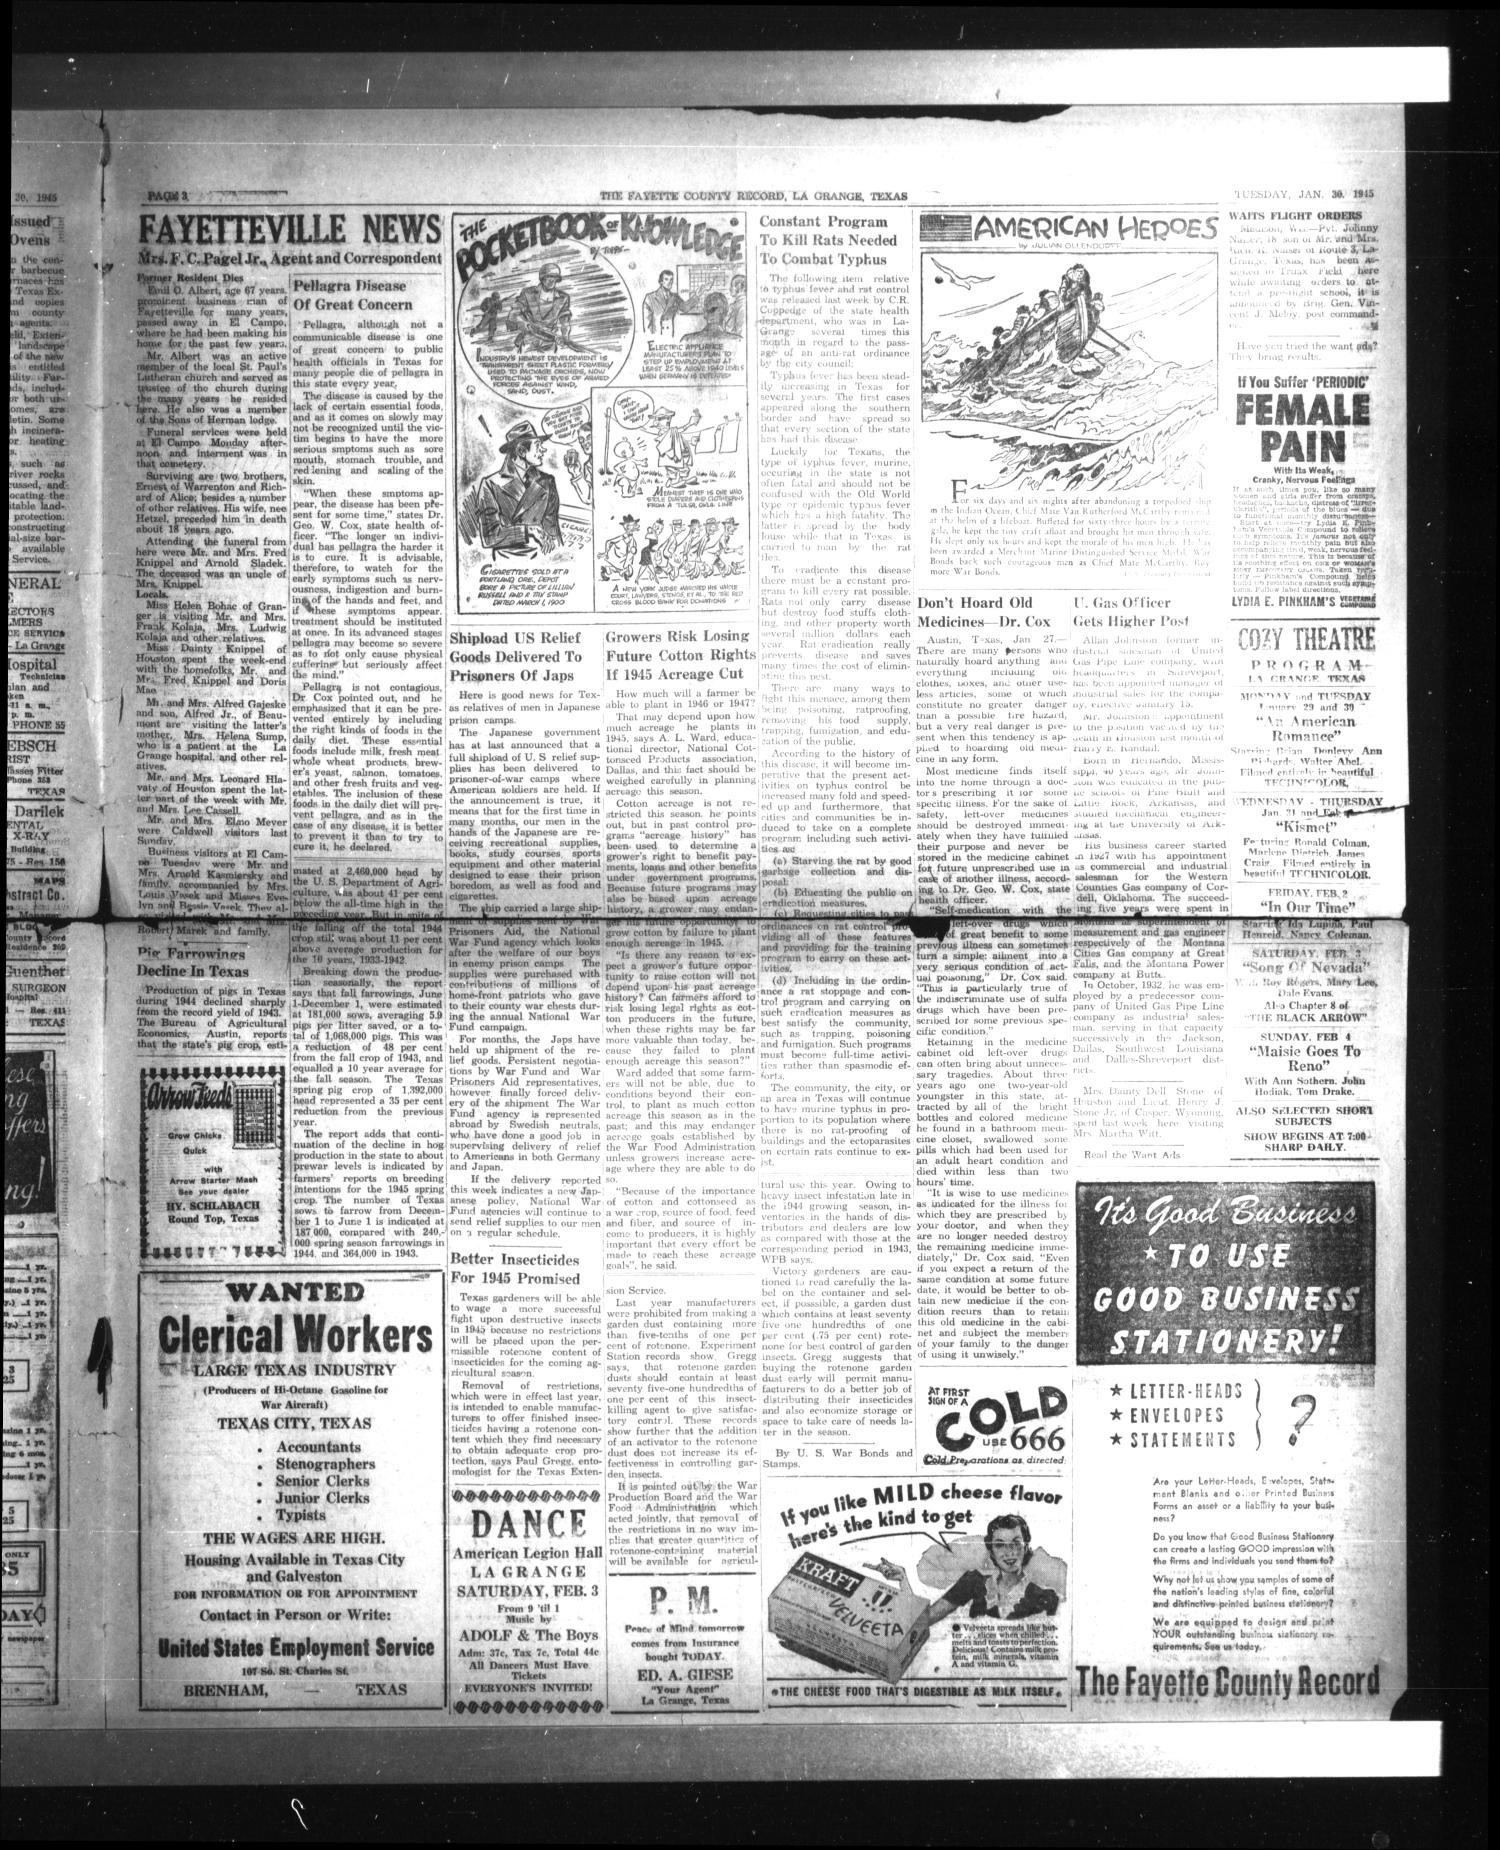 The Fayette County Record La Grange Tex Vol 23 No 26